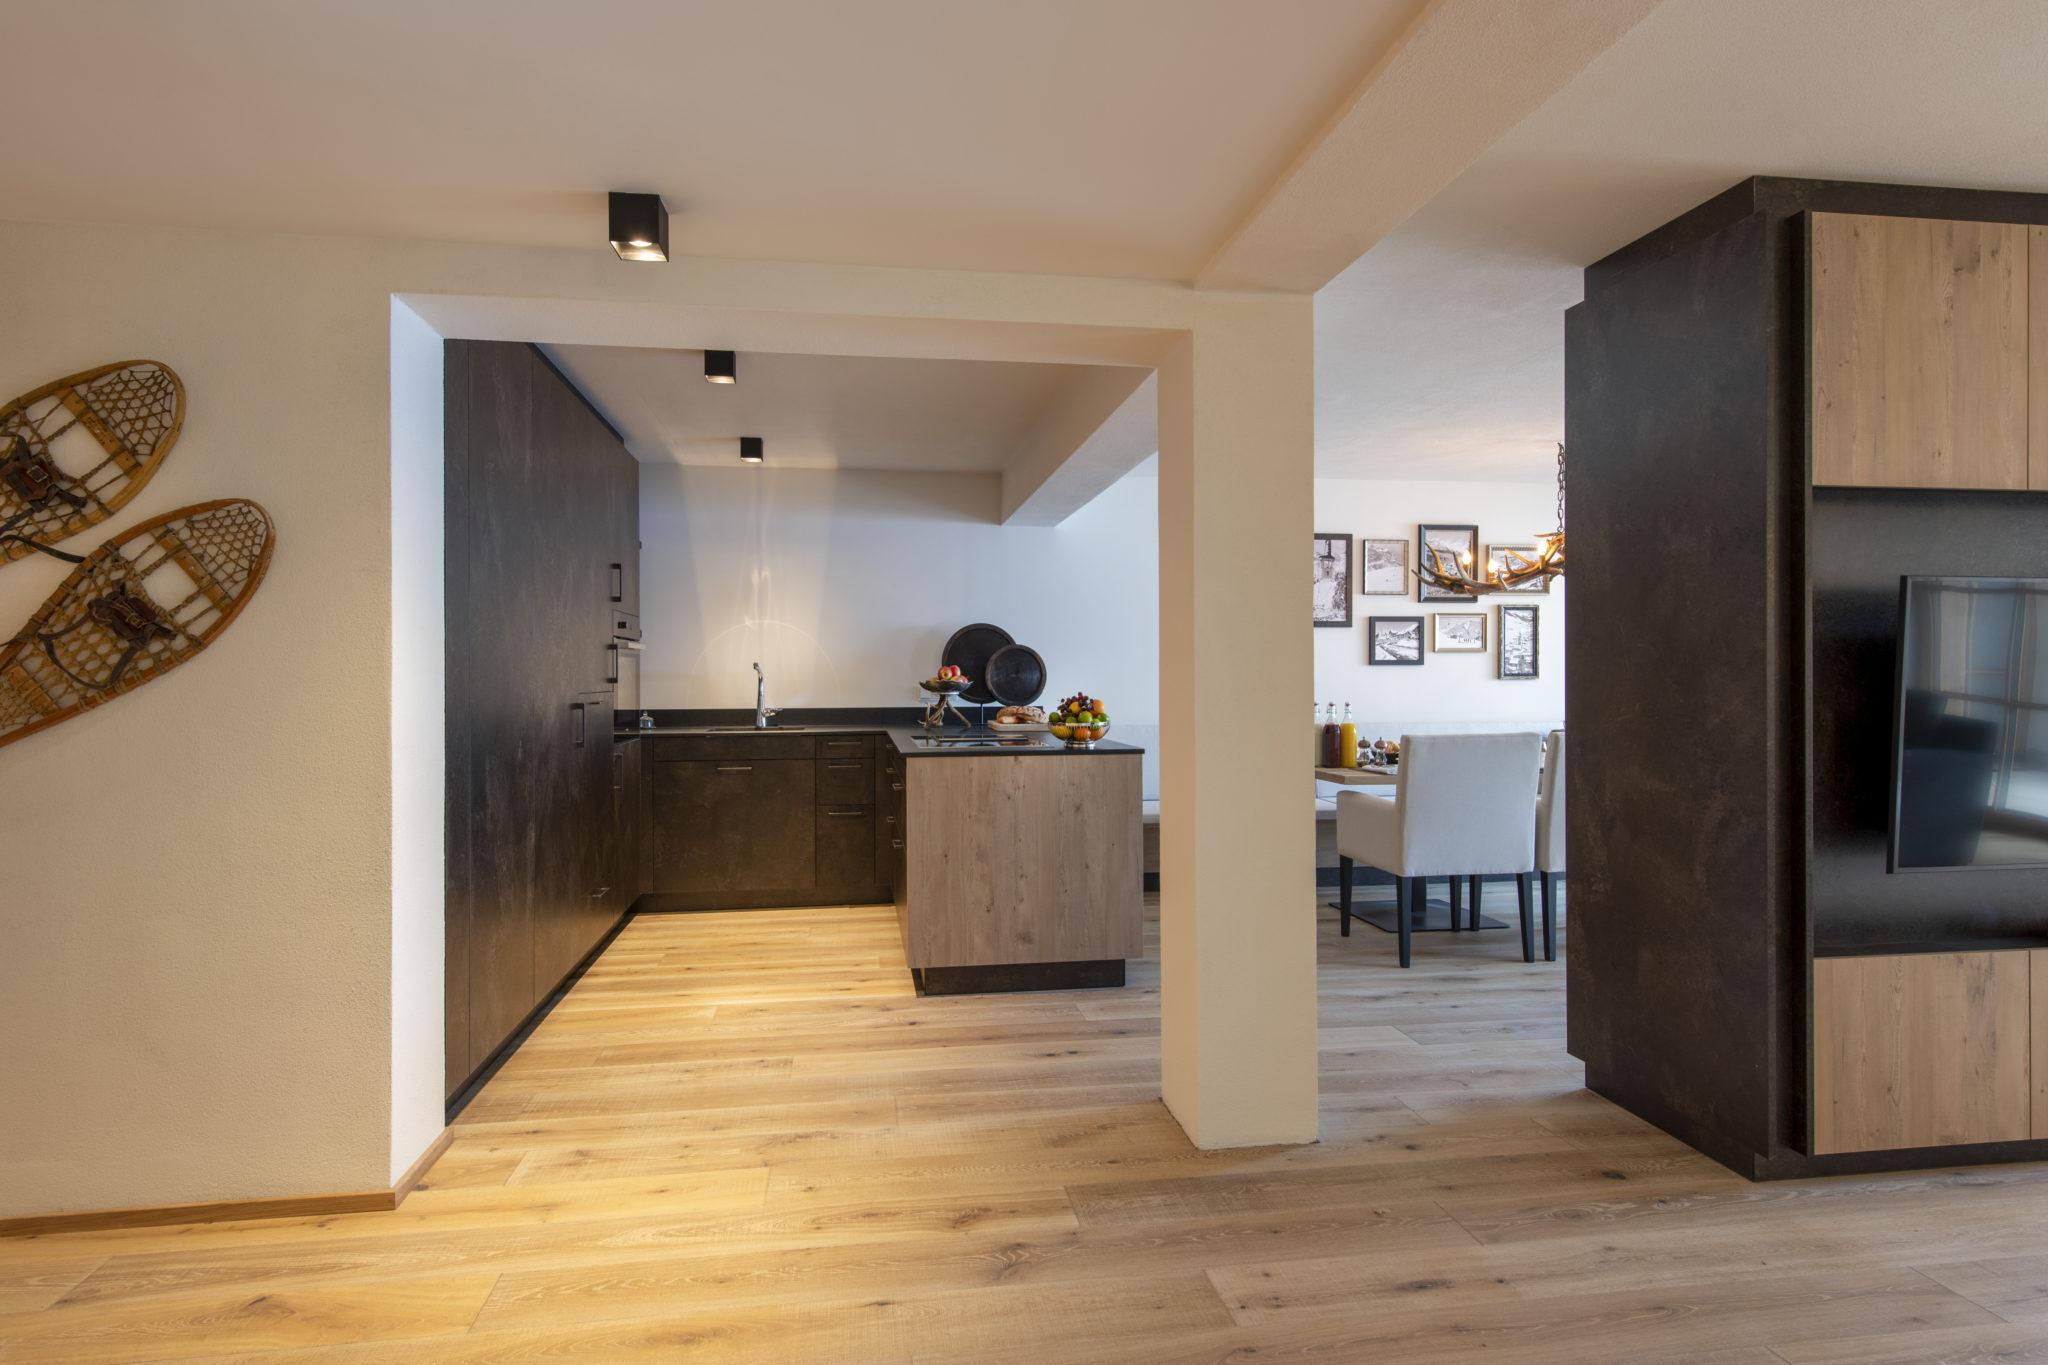 brunnenhof-3-11336-scaled